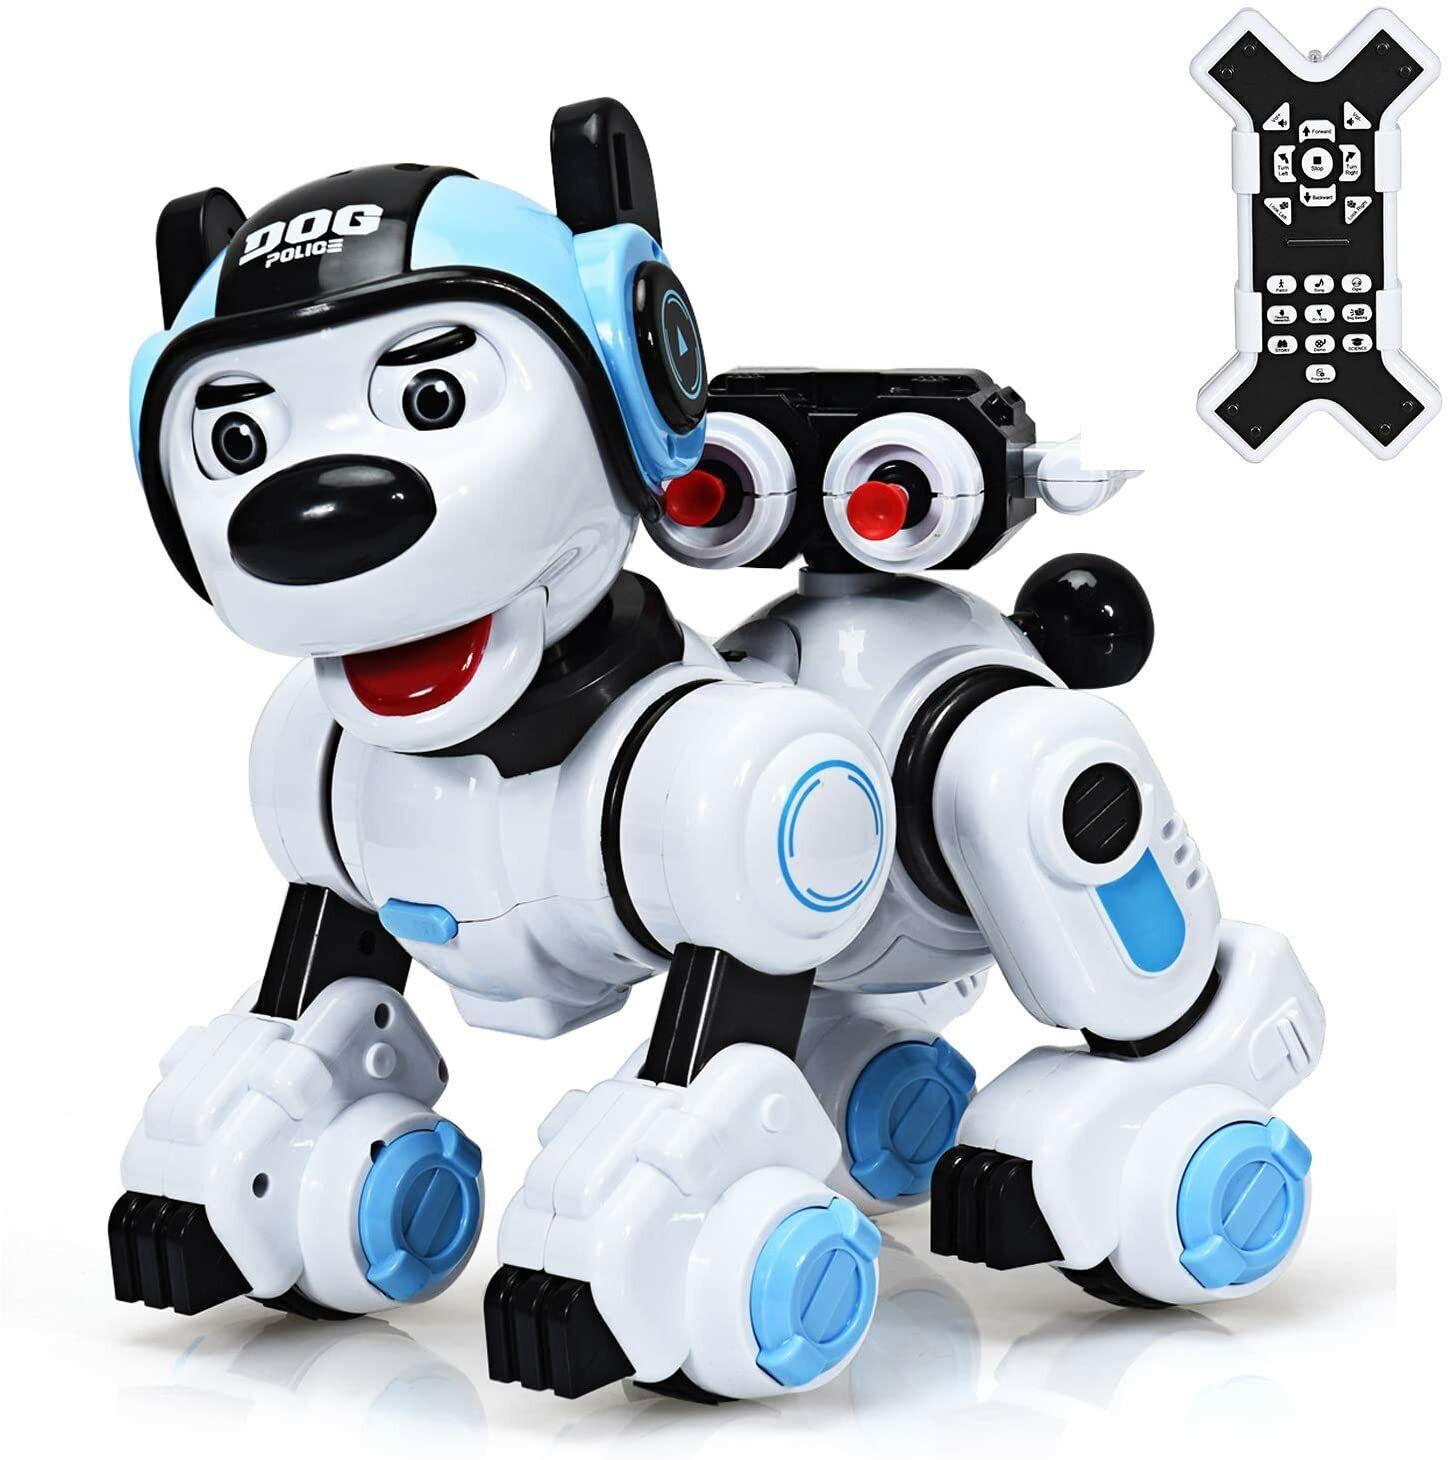 Ferngesteuerter Roboter Programmierbarer Roboterhund Spielzeughund für Kinder